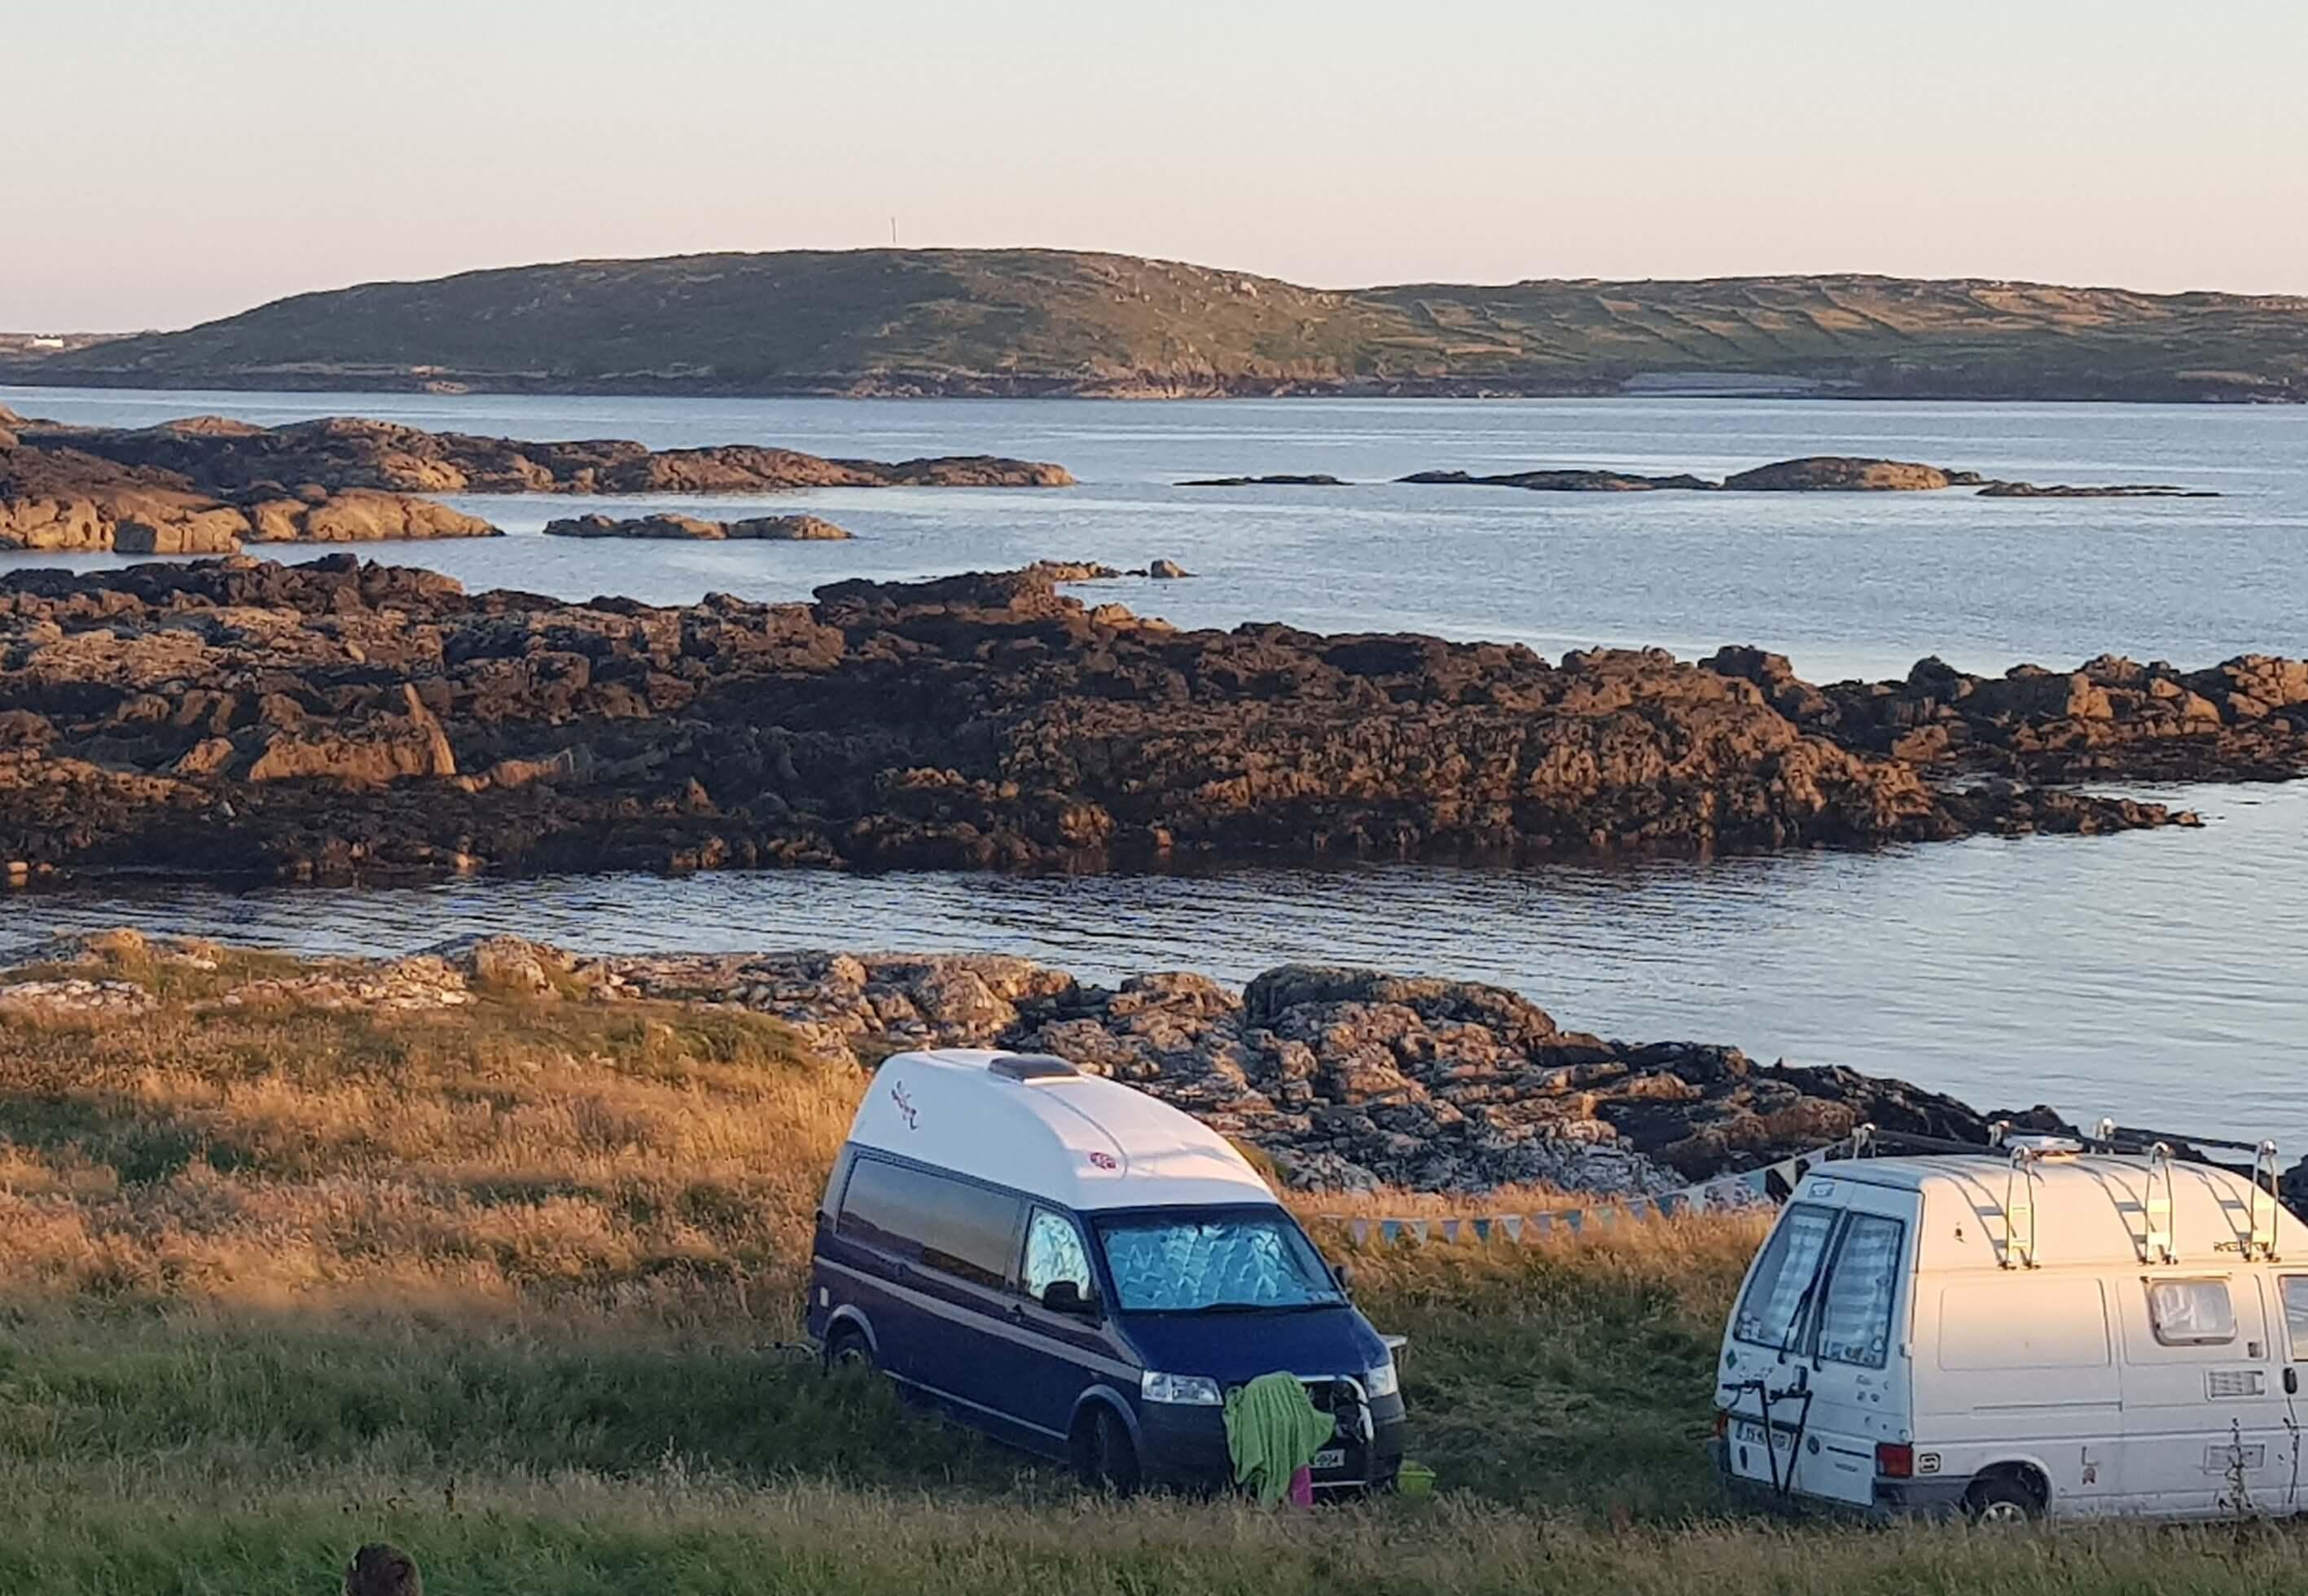 Camping in Connemara